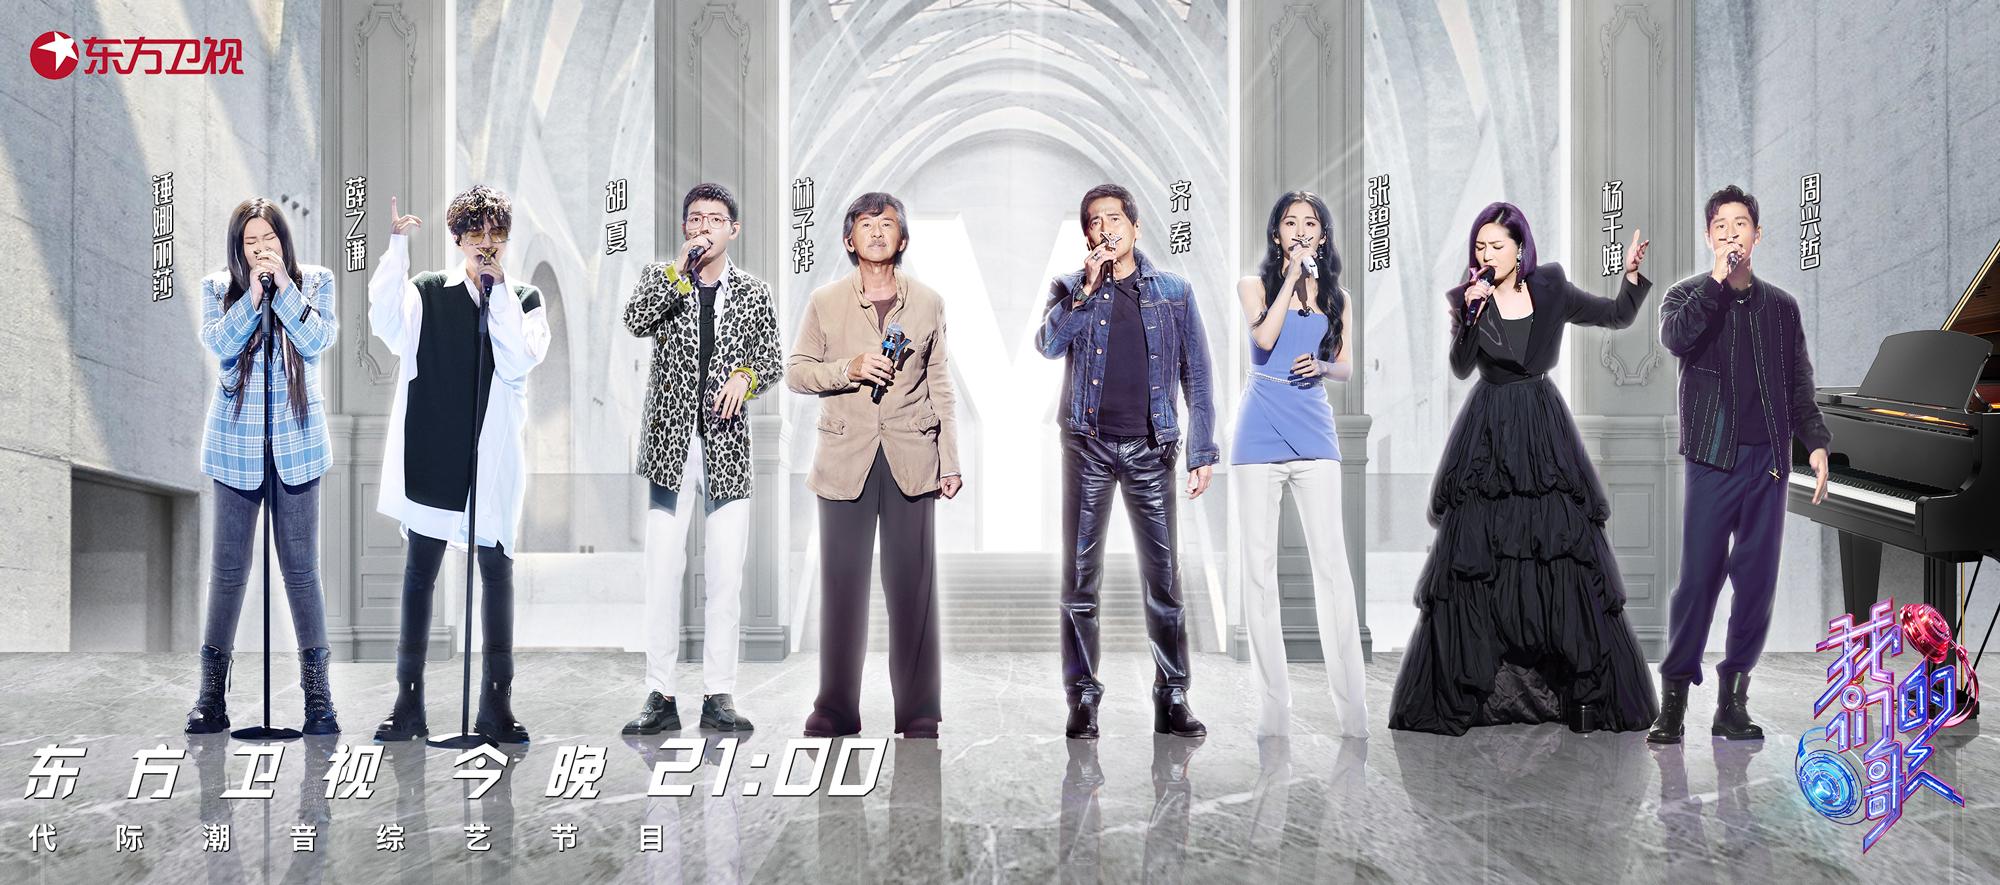 """《我们的歌》第二期今晚播出 林子祥搭档胡夏合唱""""魔鬼""""高音"""